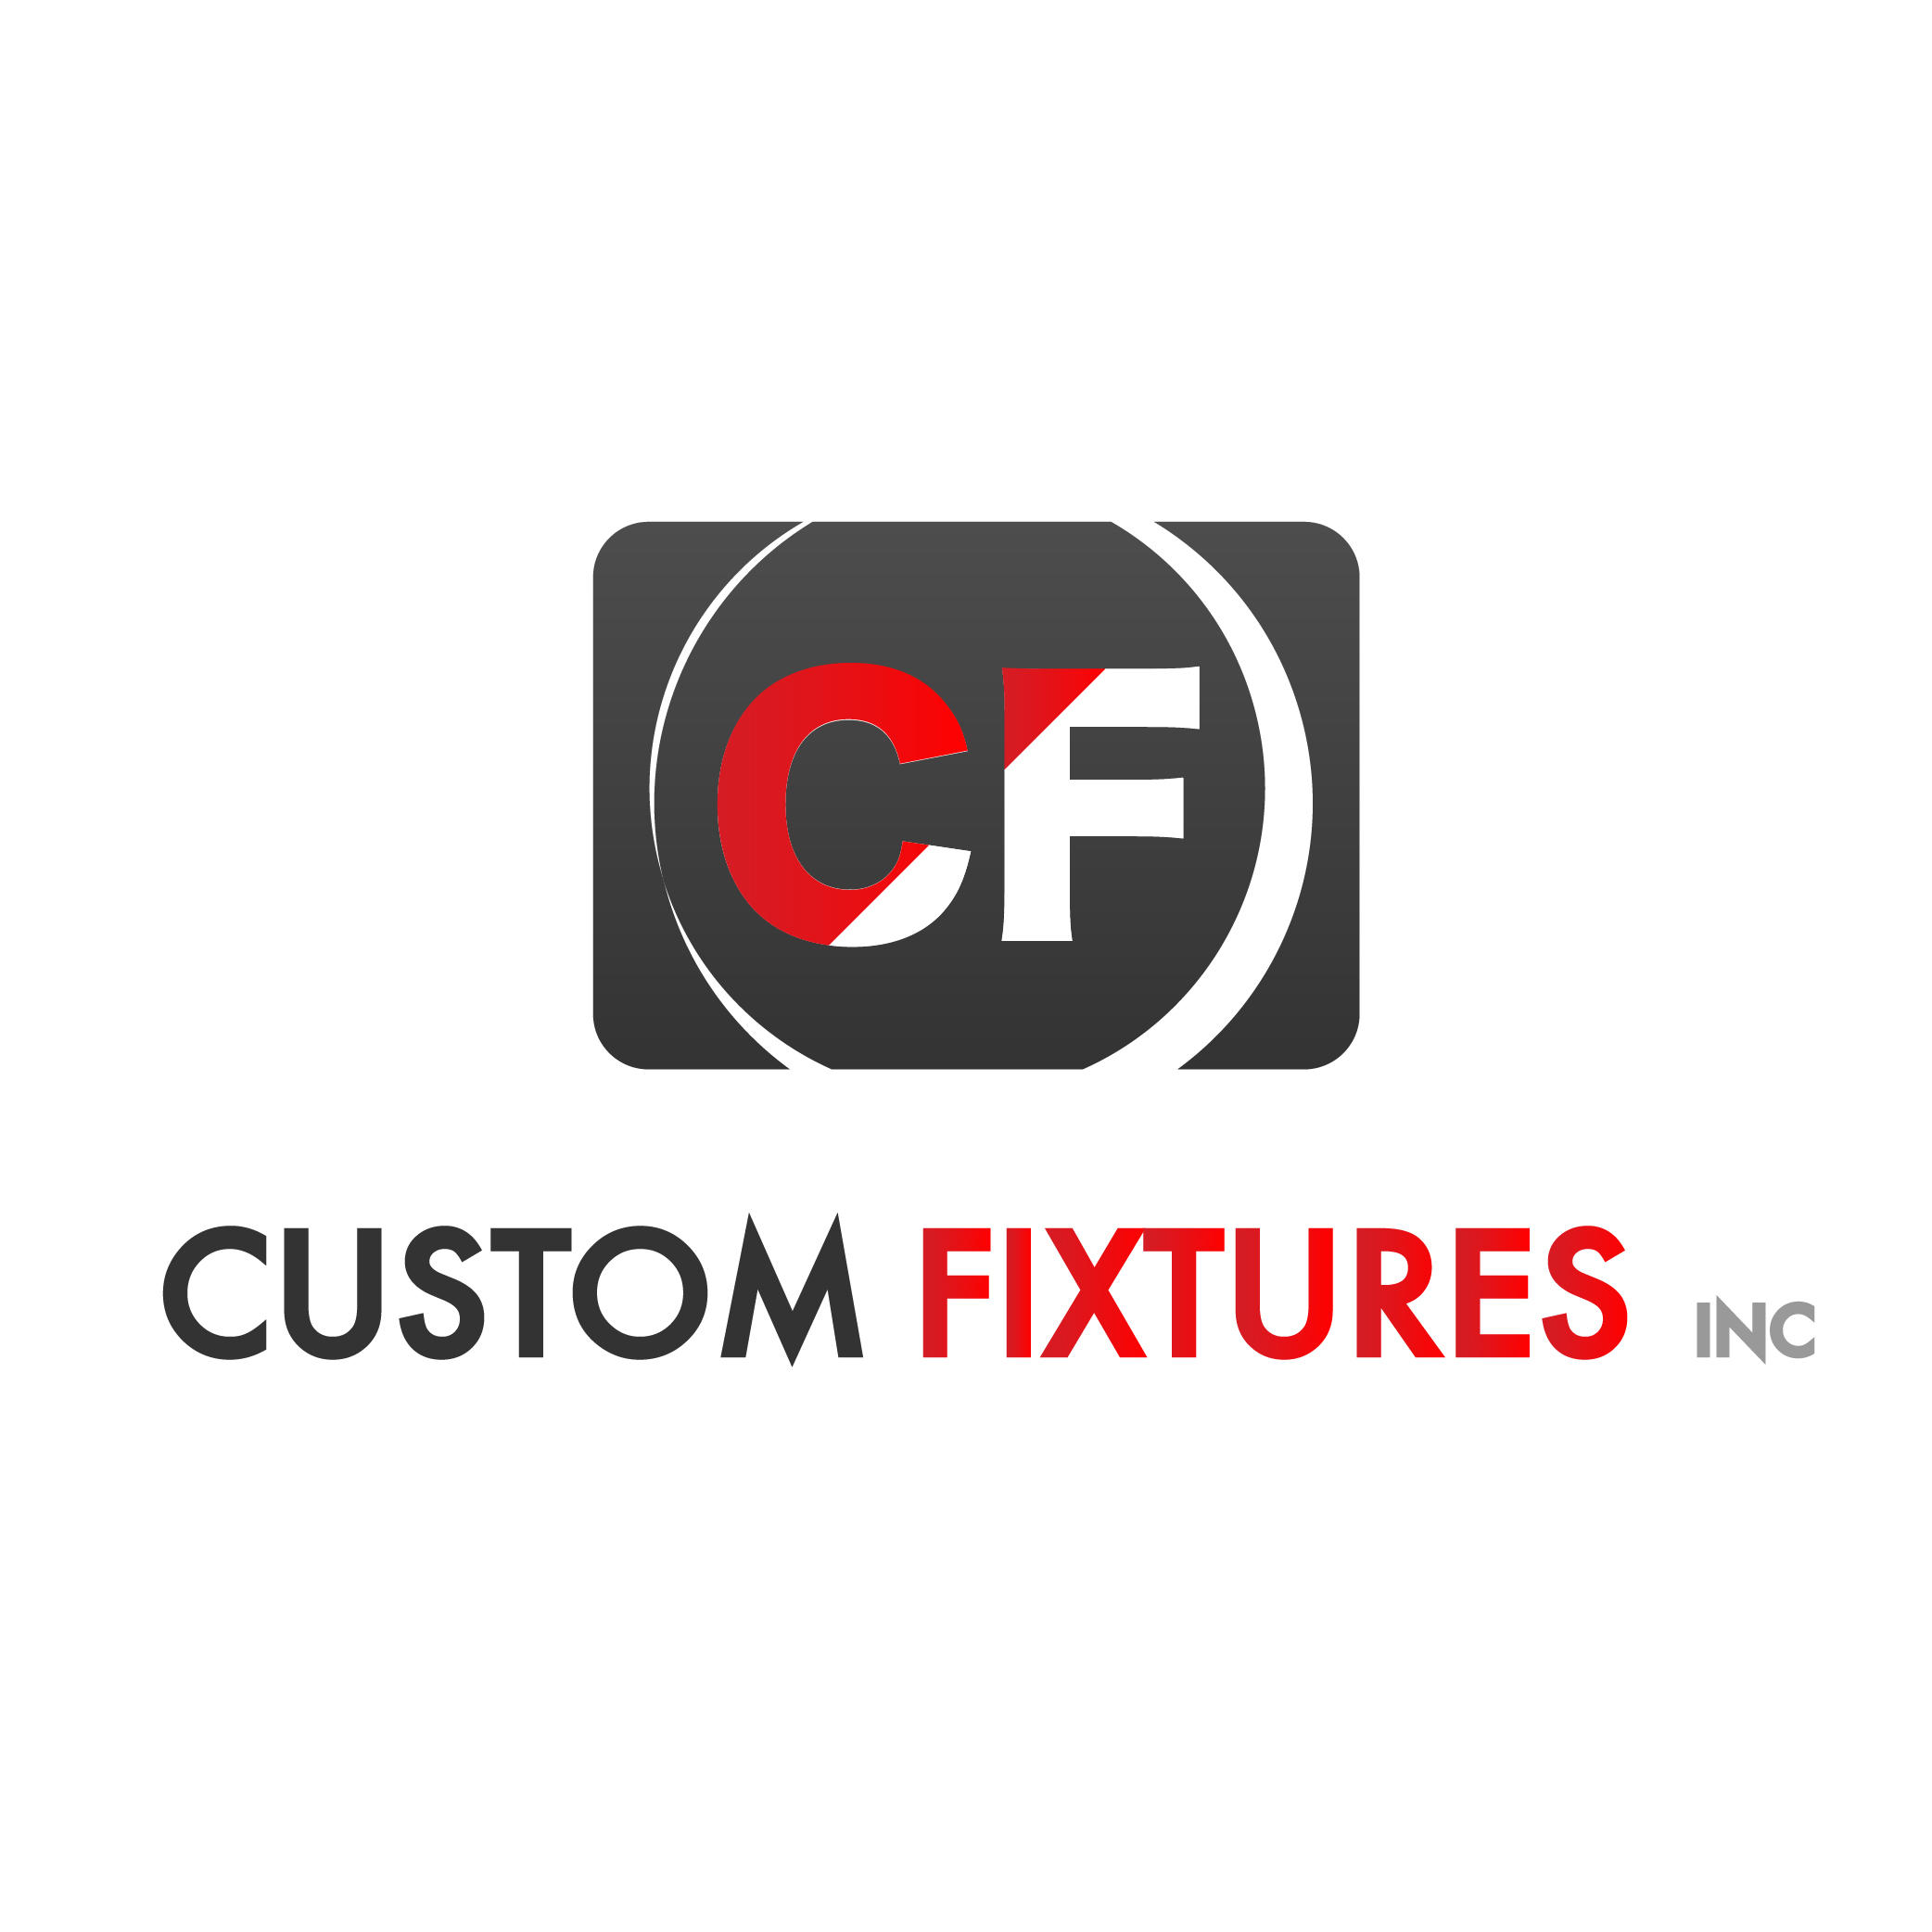 Custom Fixtures